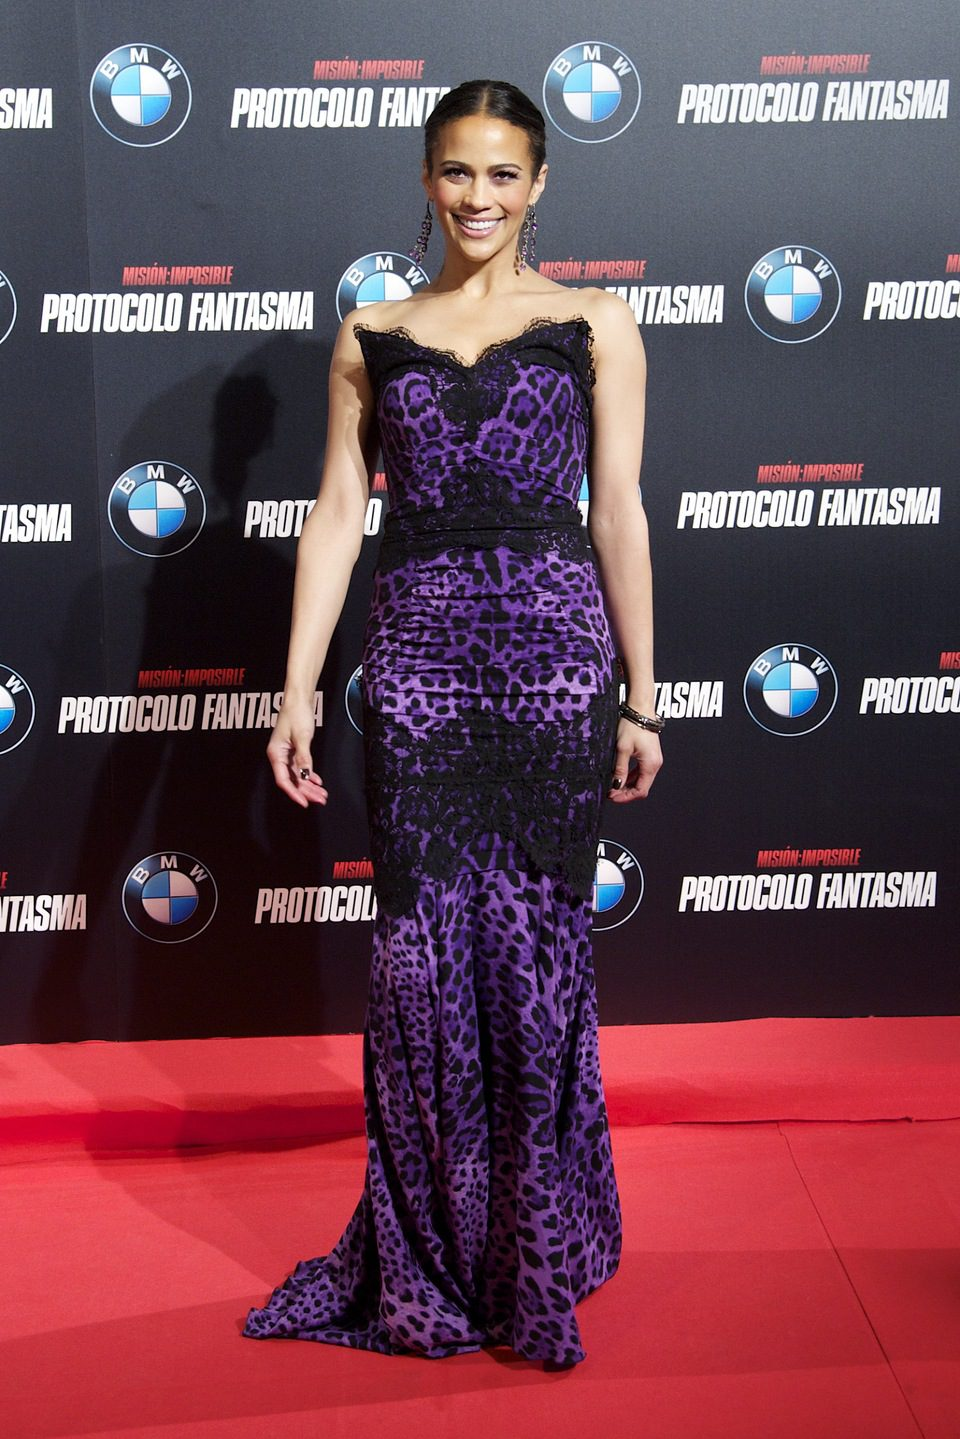 Paula Patton en la premiére madrileña de 'Misión Imposible'